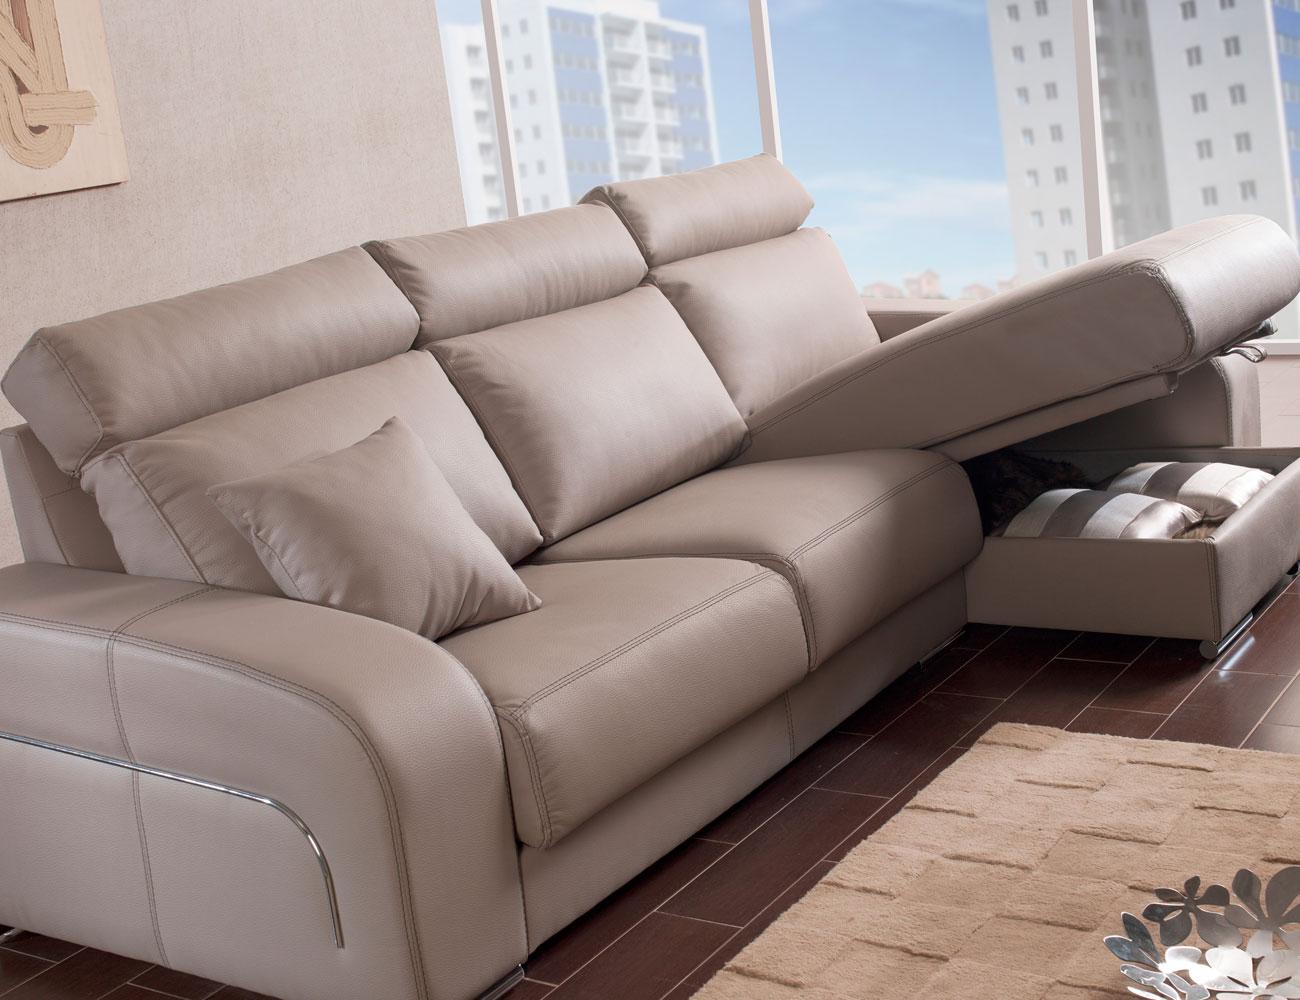 Sofa chaiselongue moderno pared cero arcon65